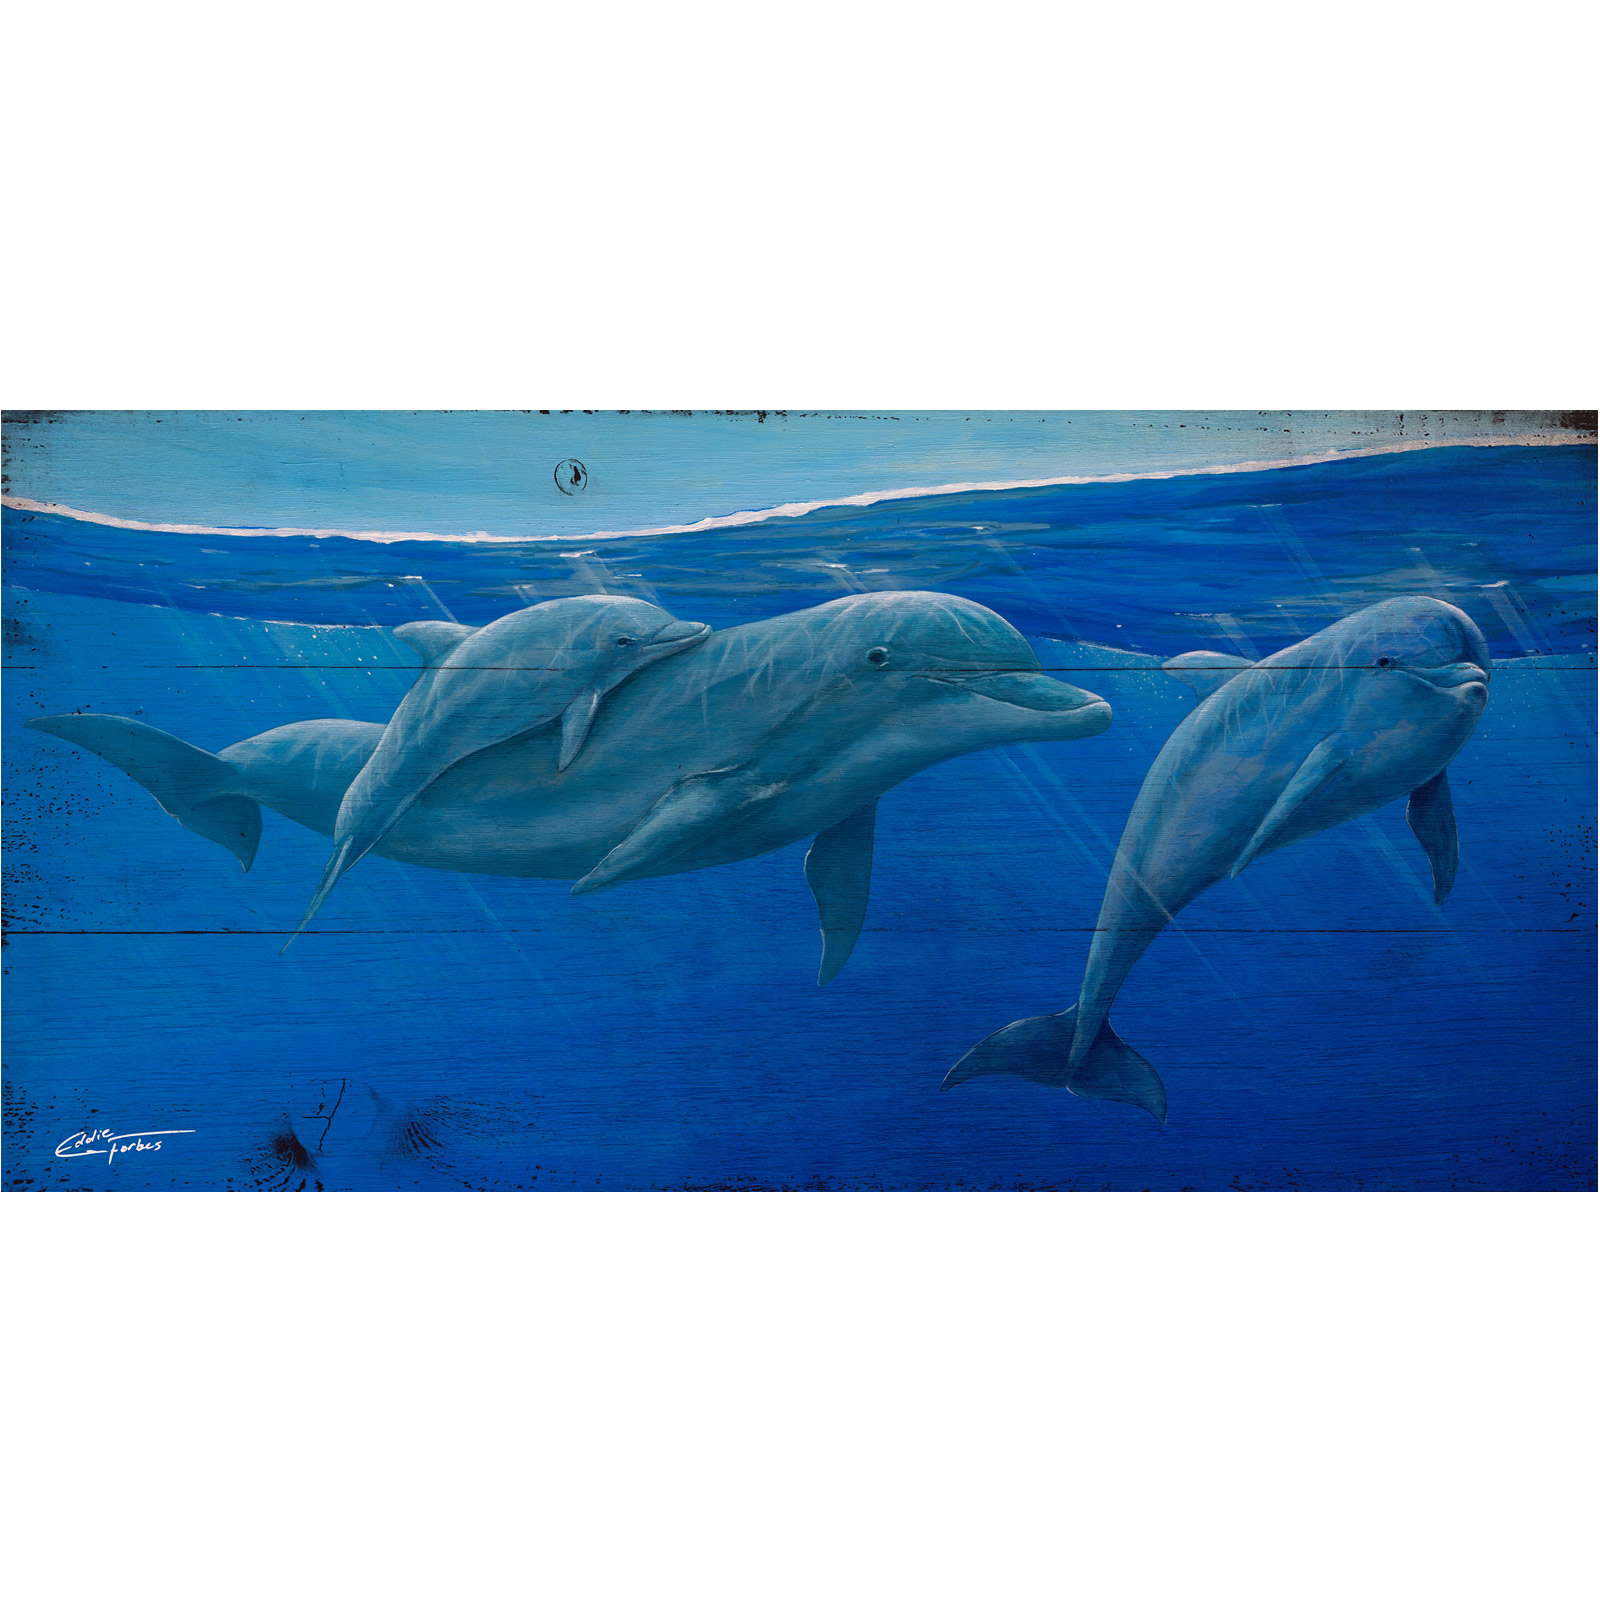 Dolphin Fam original